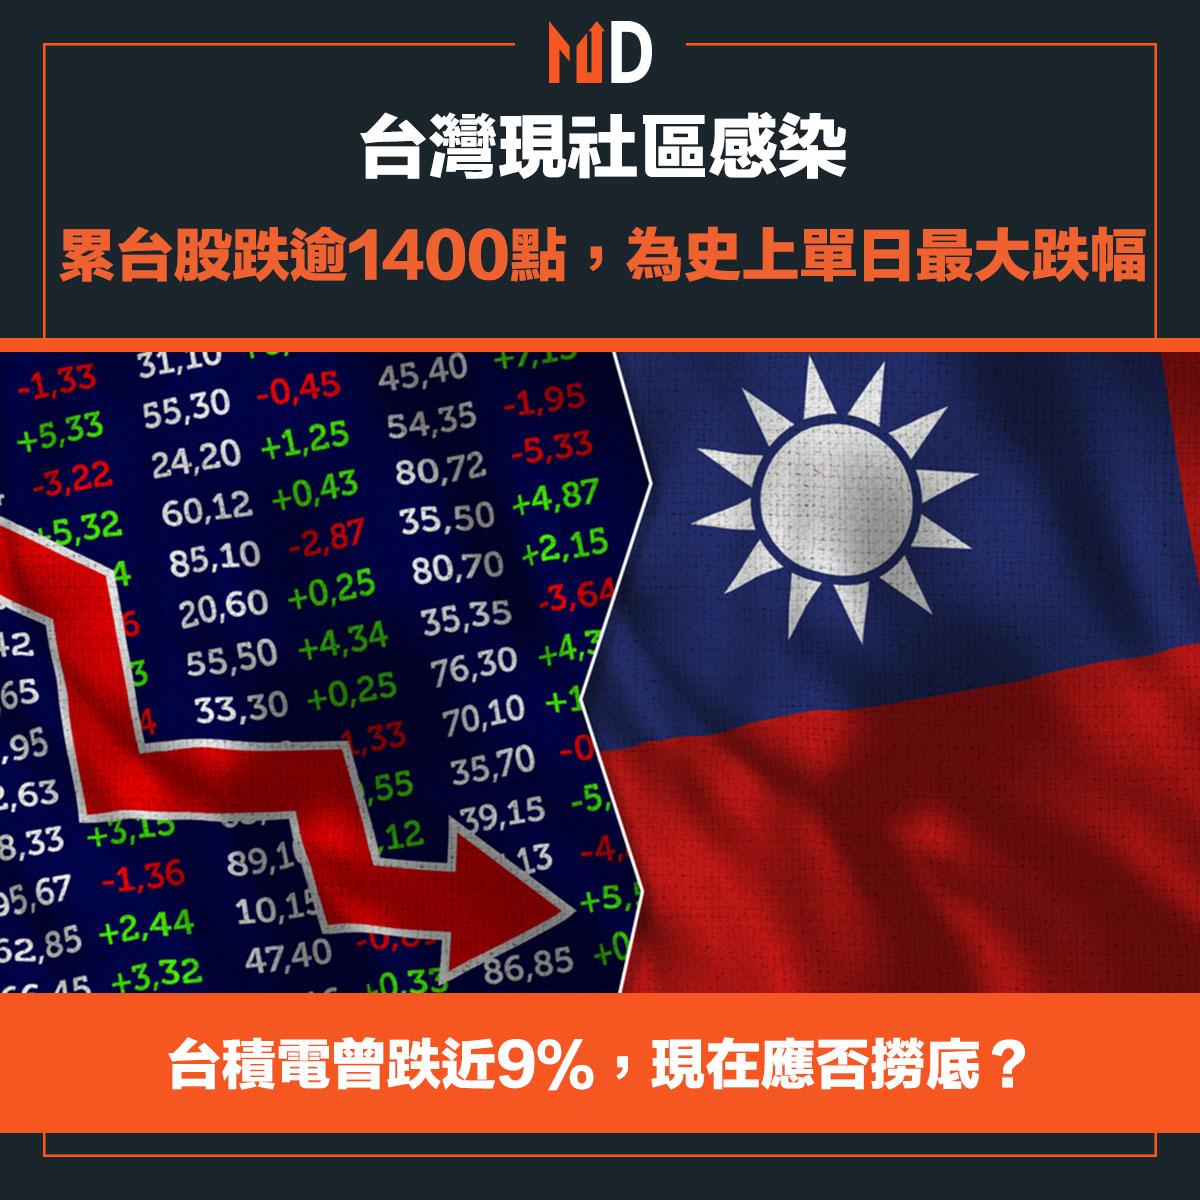 台灣現社區感染,累台股跌逾1400點,為史上單日最大跌幅